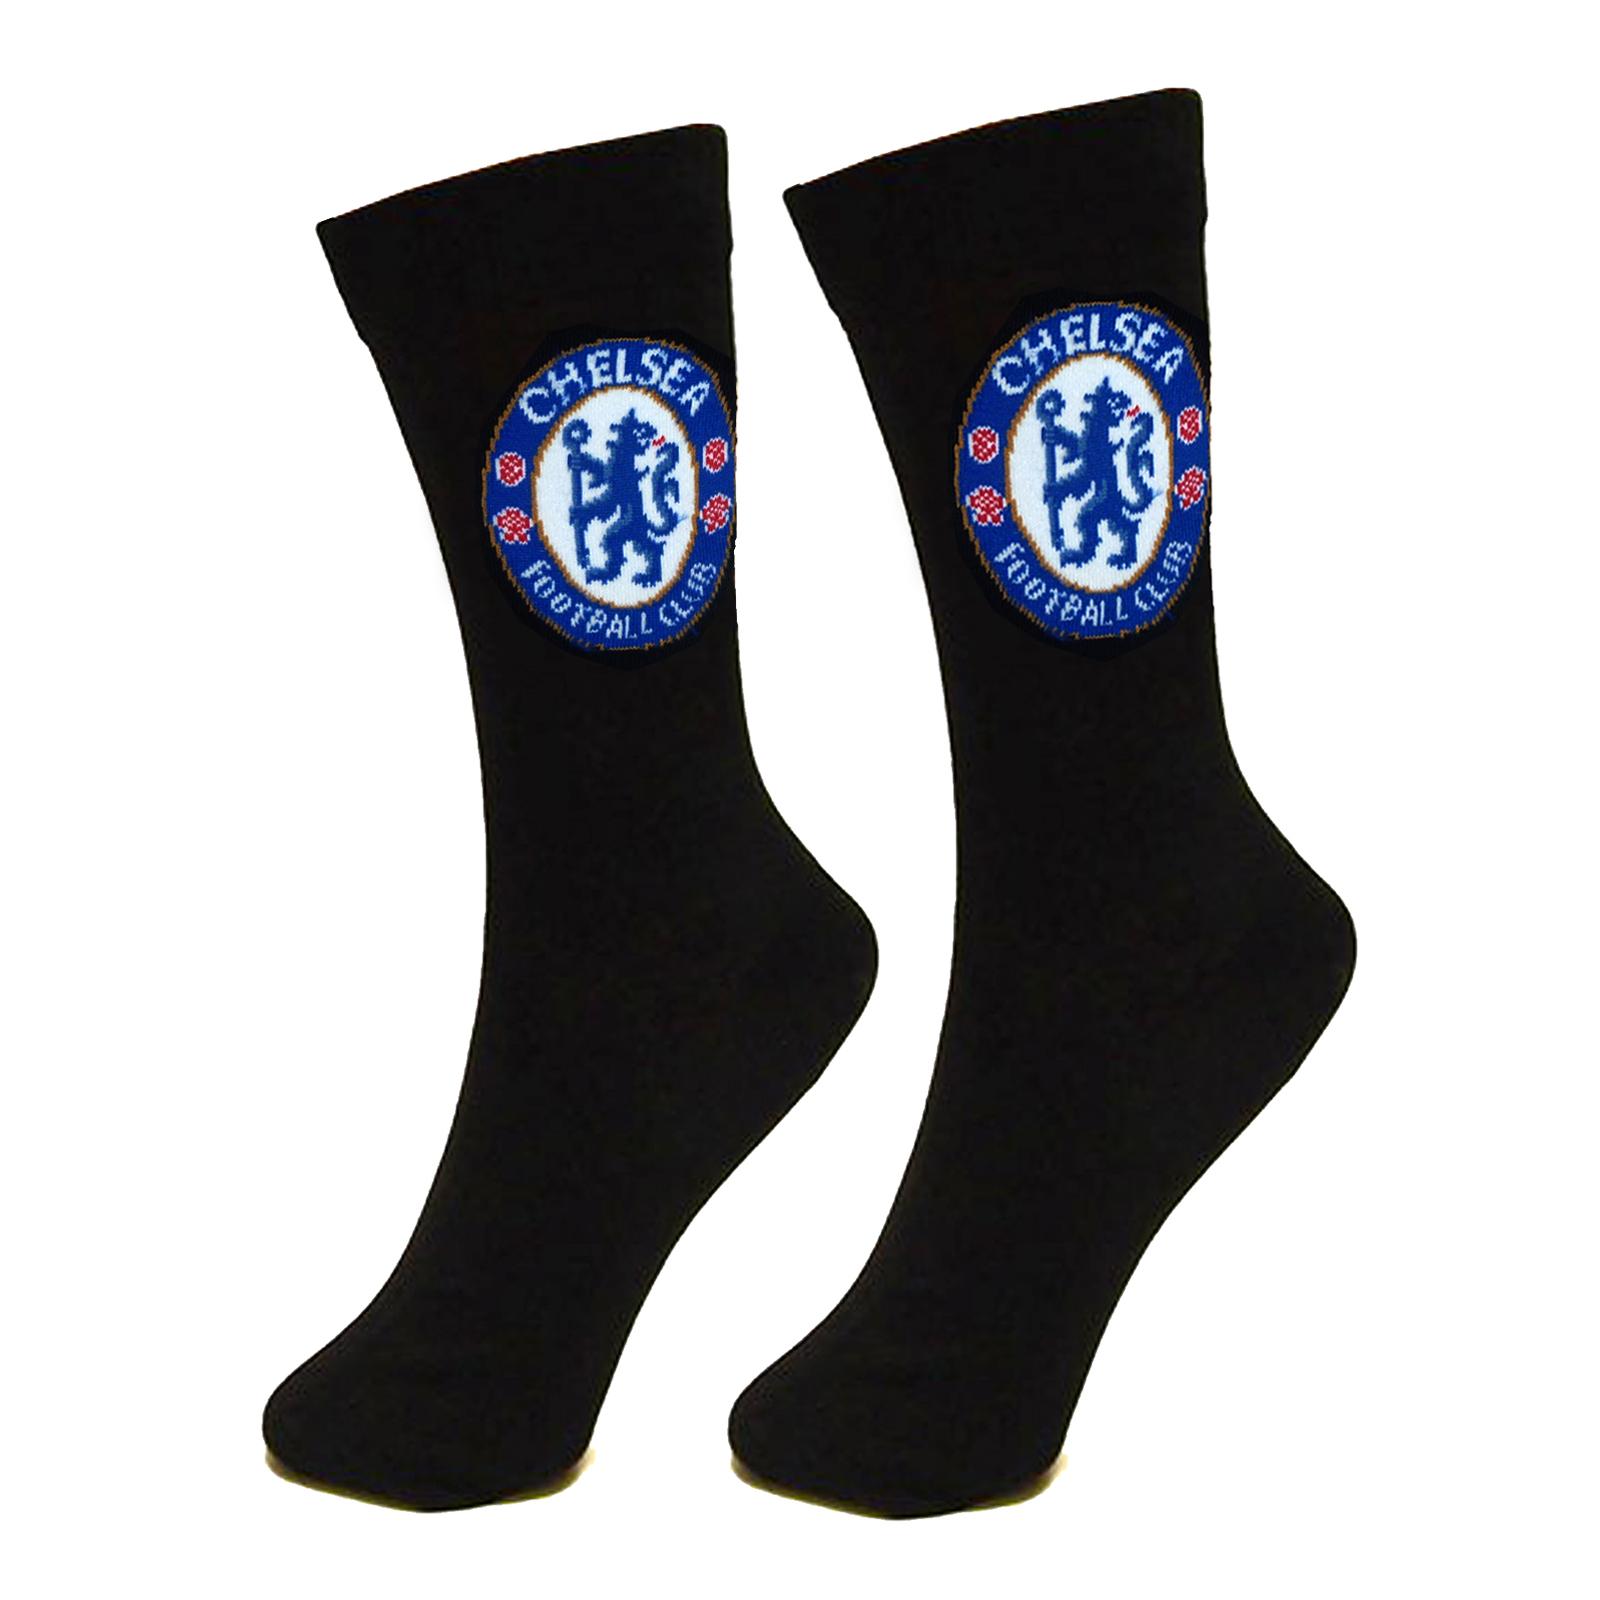 Official Men/'s Football Socks Chelsea Liverpool Gift Stocking Filler